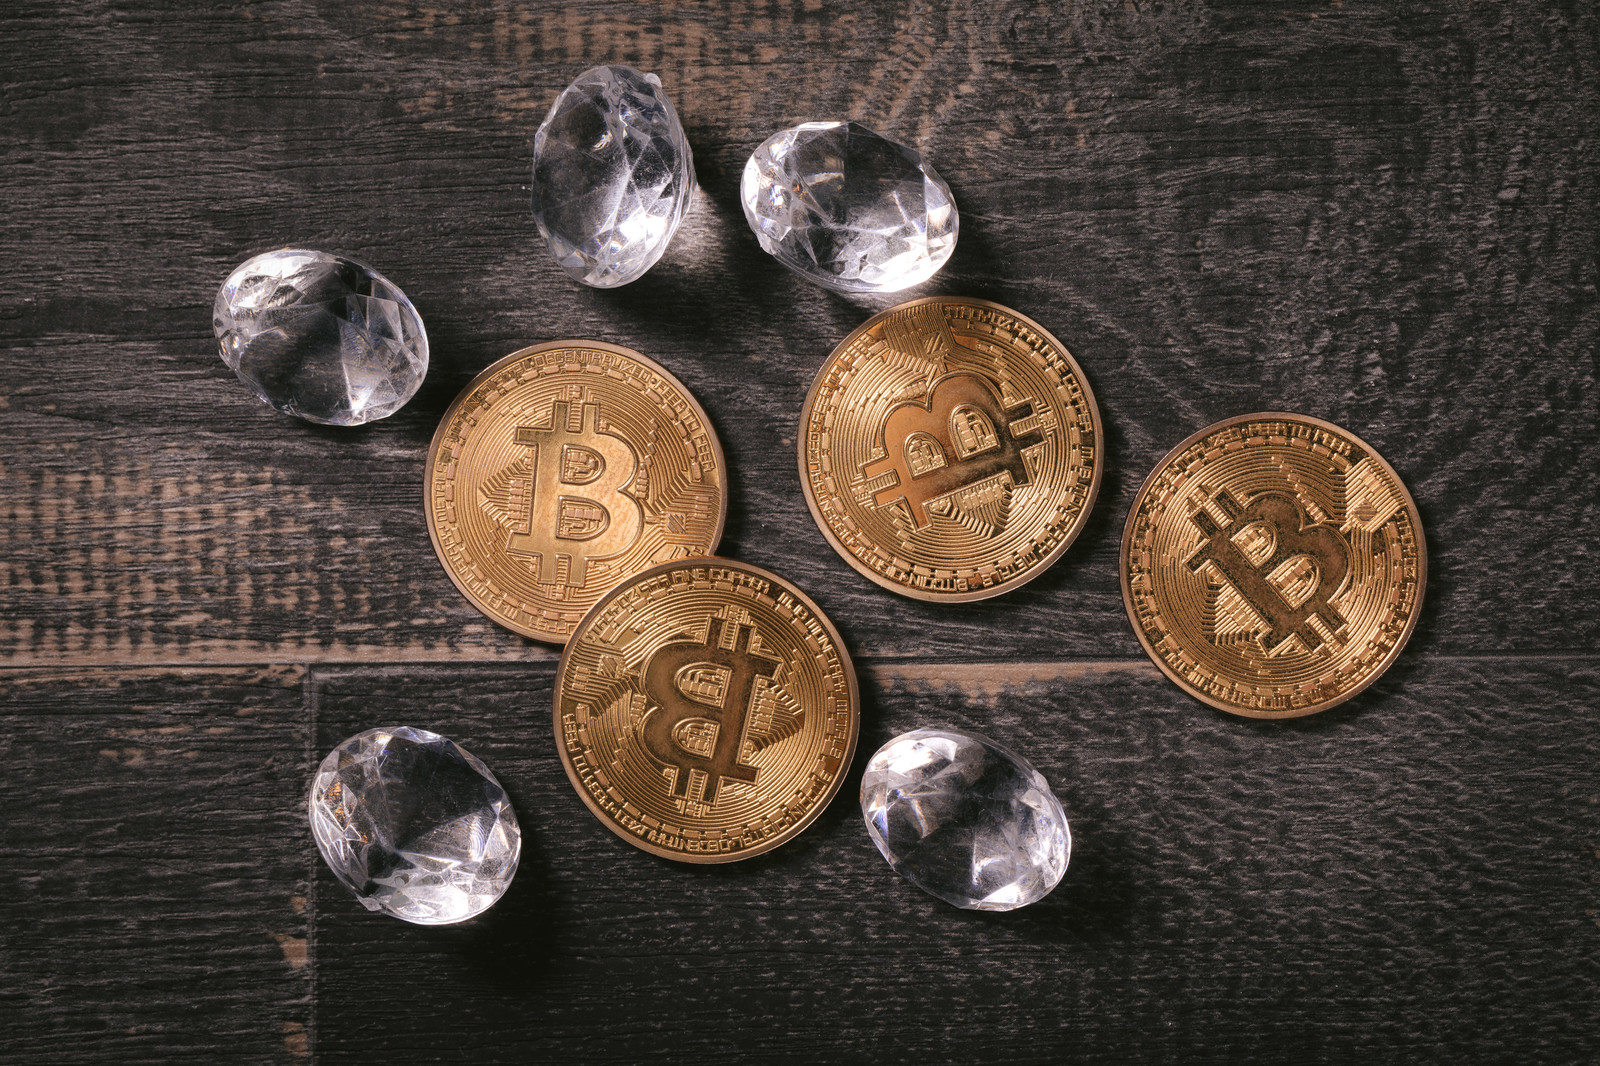 「ハードフォークで分裂したビットコインダイヤモンド」の写真